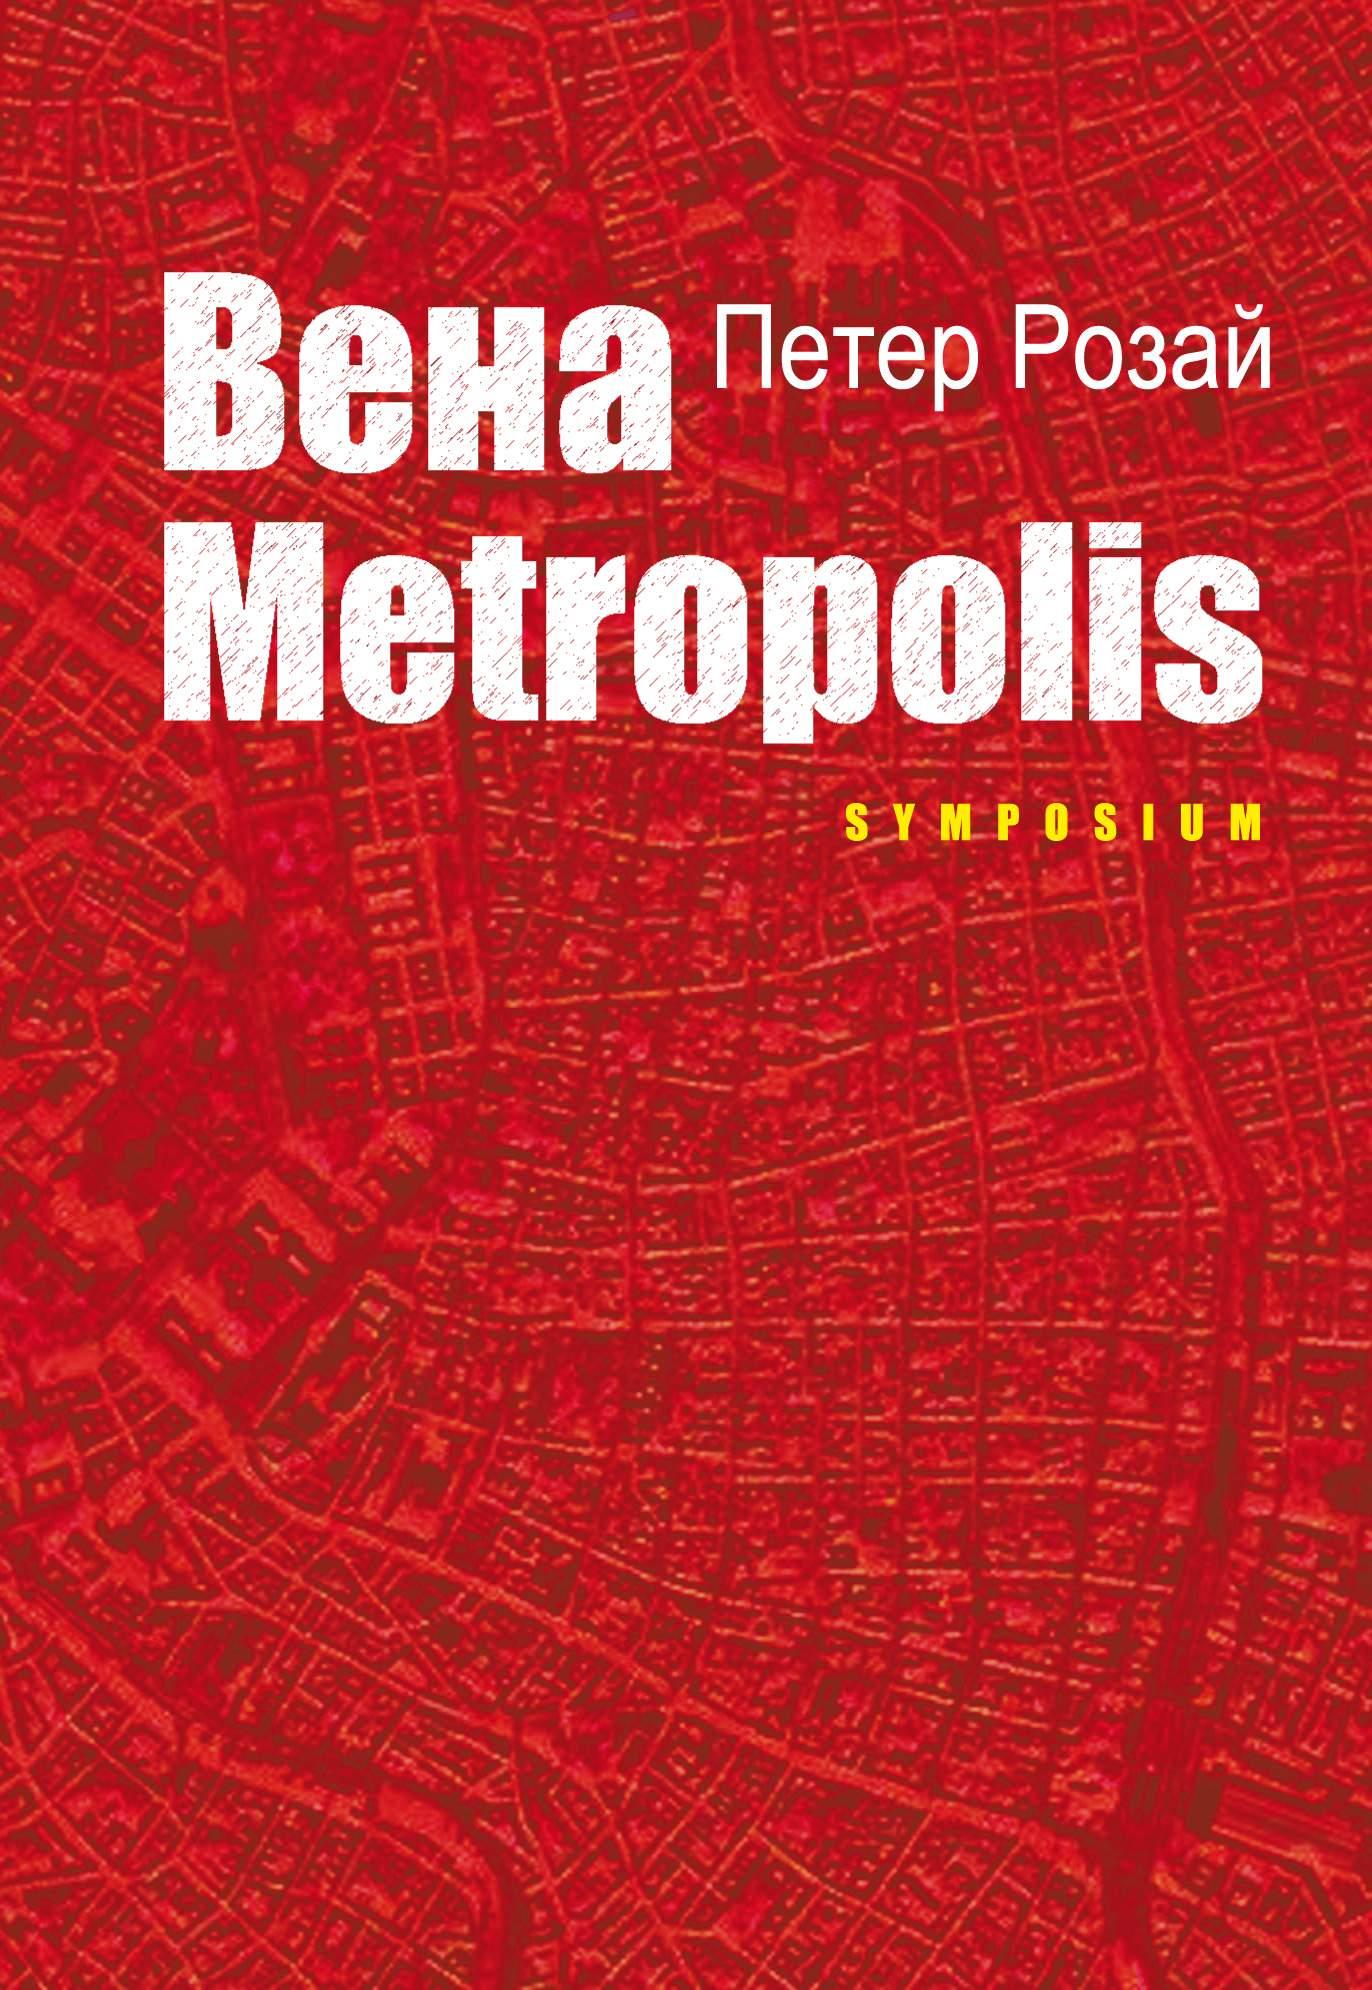 Вена METROPOLIS